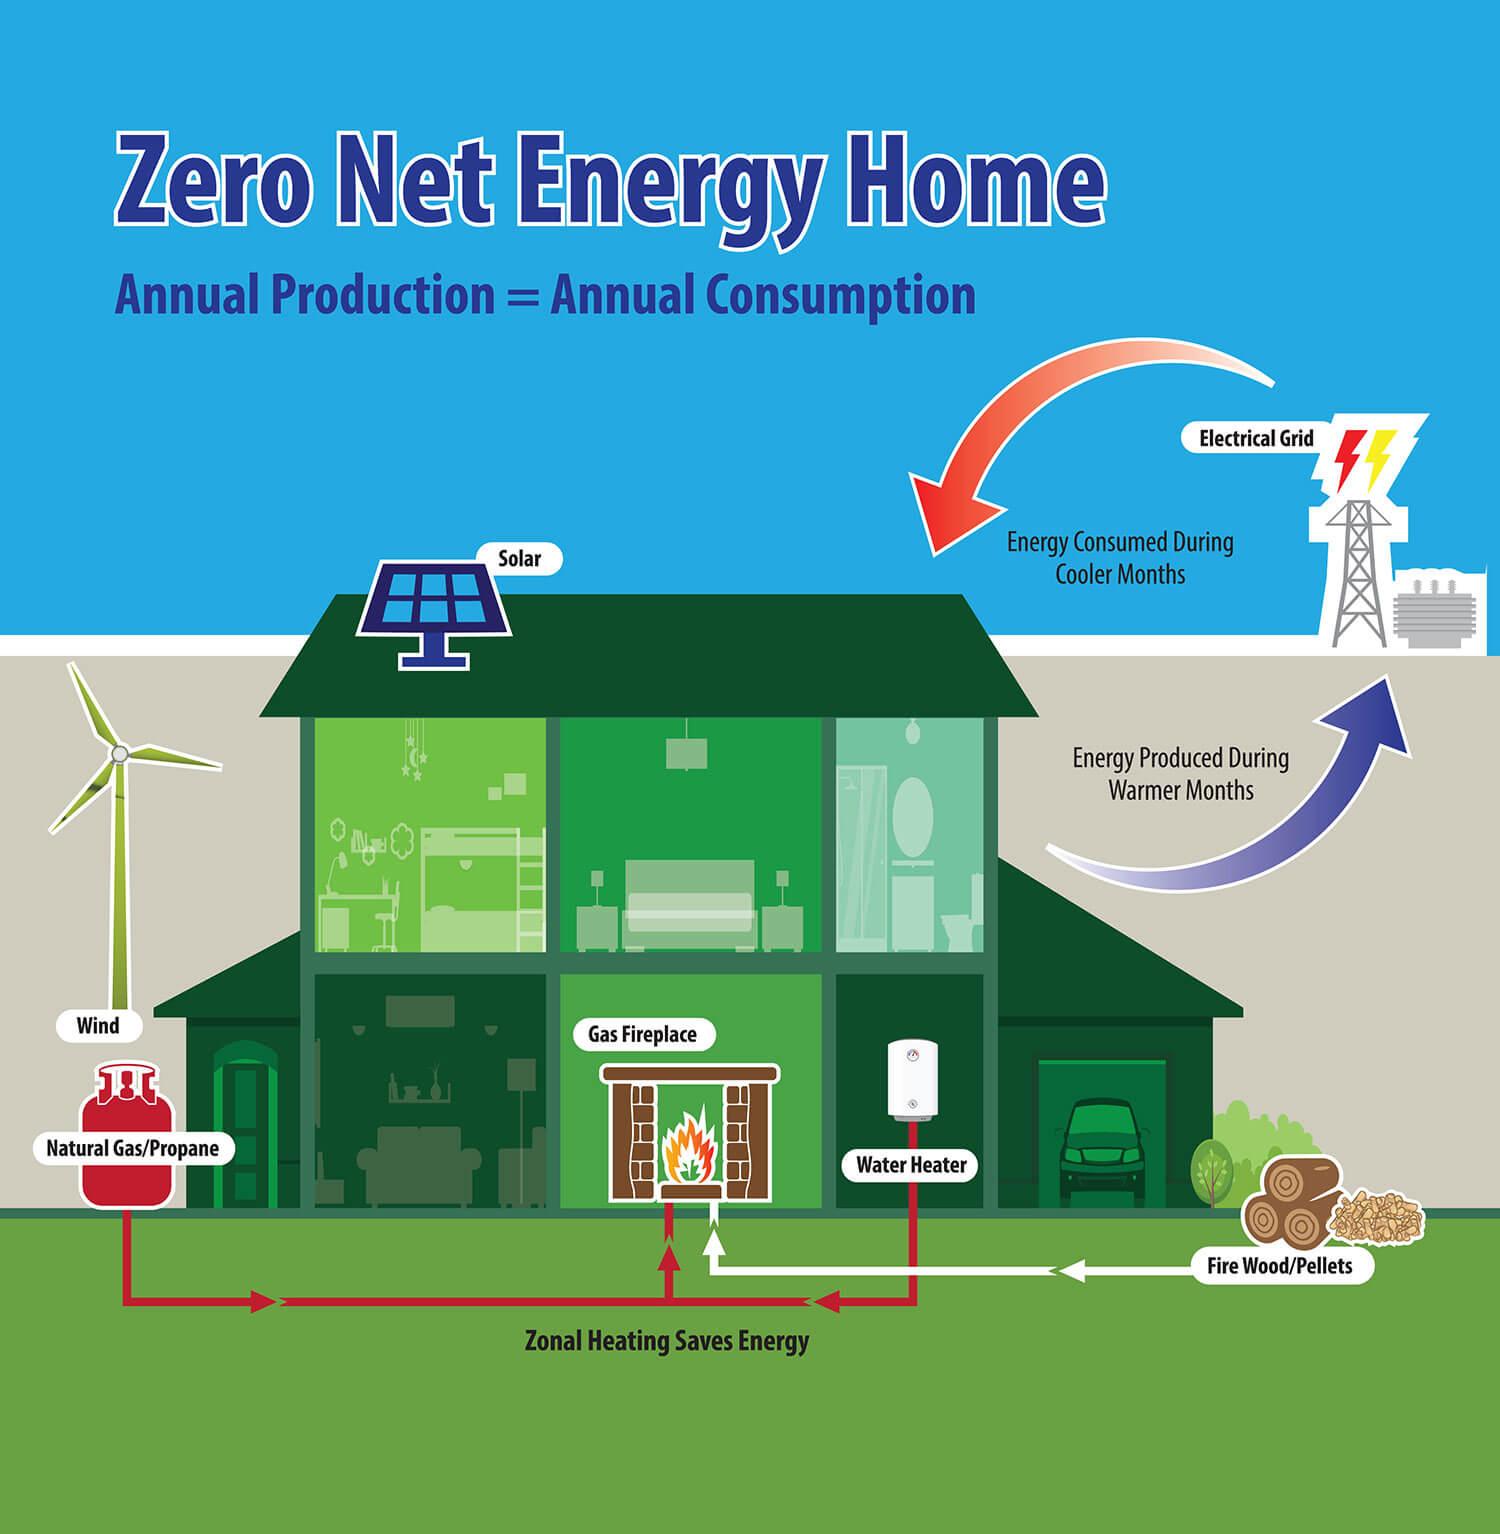 zero net energy home